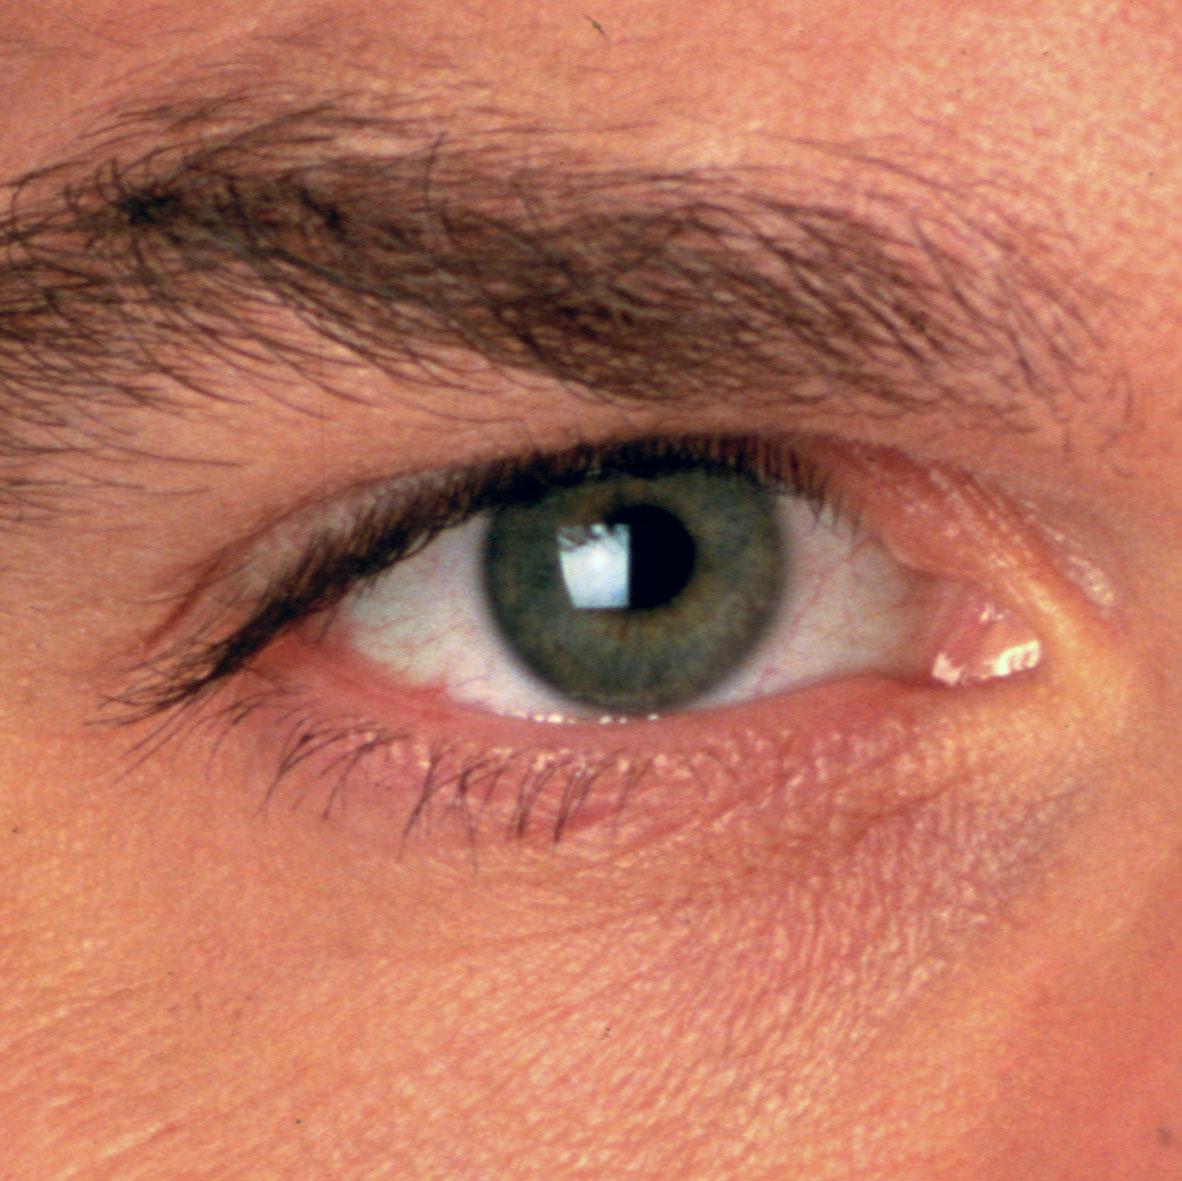 Lentilles de couleur : j'évite les irritations des lentilles couleur